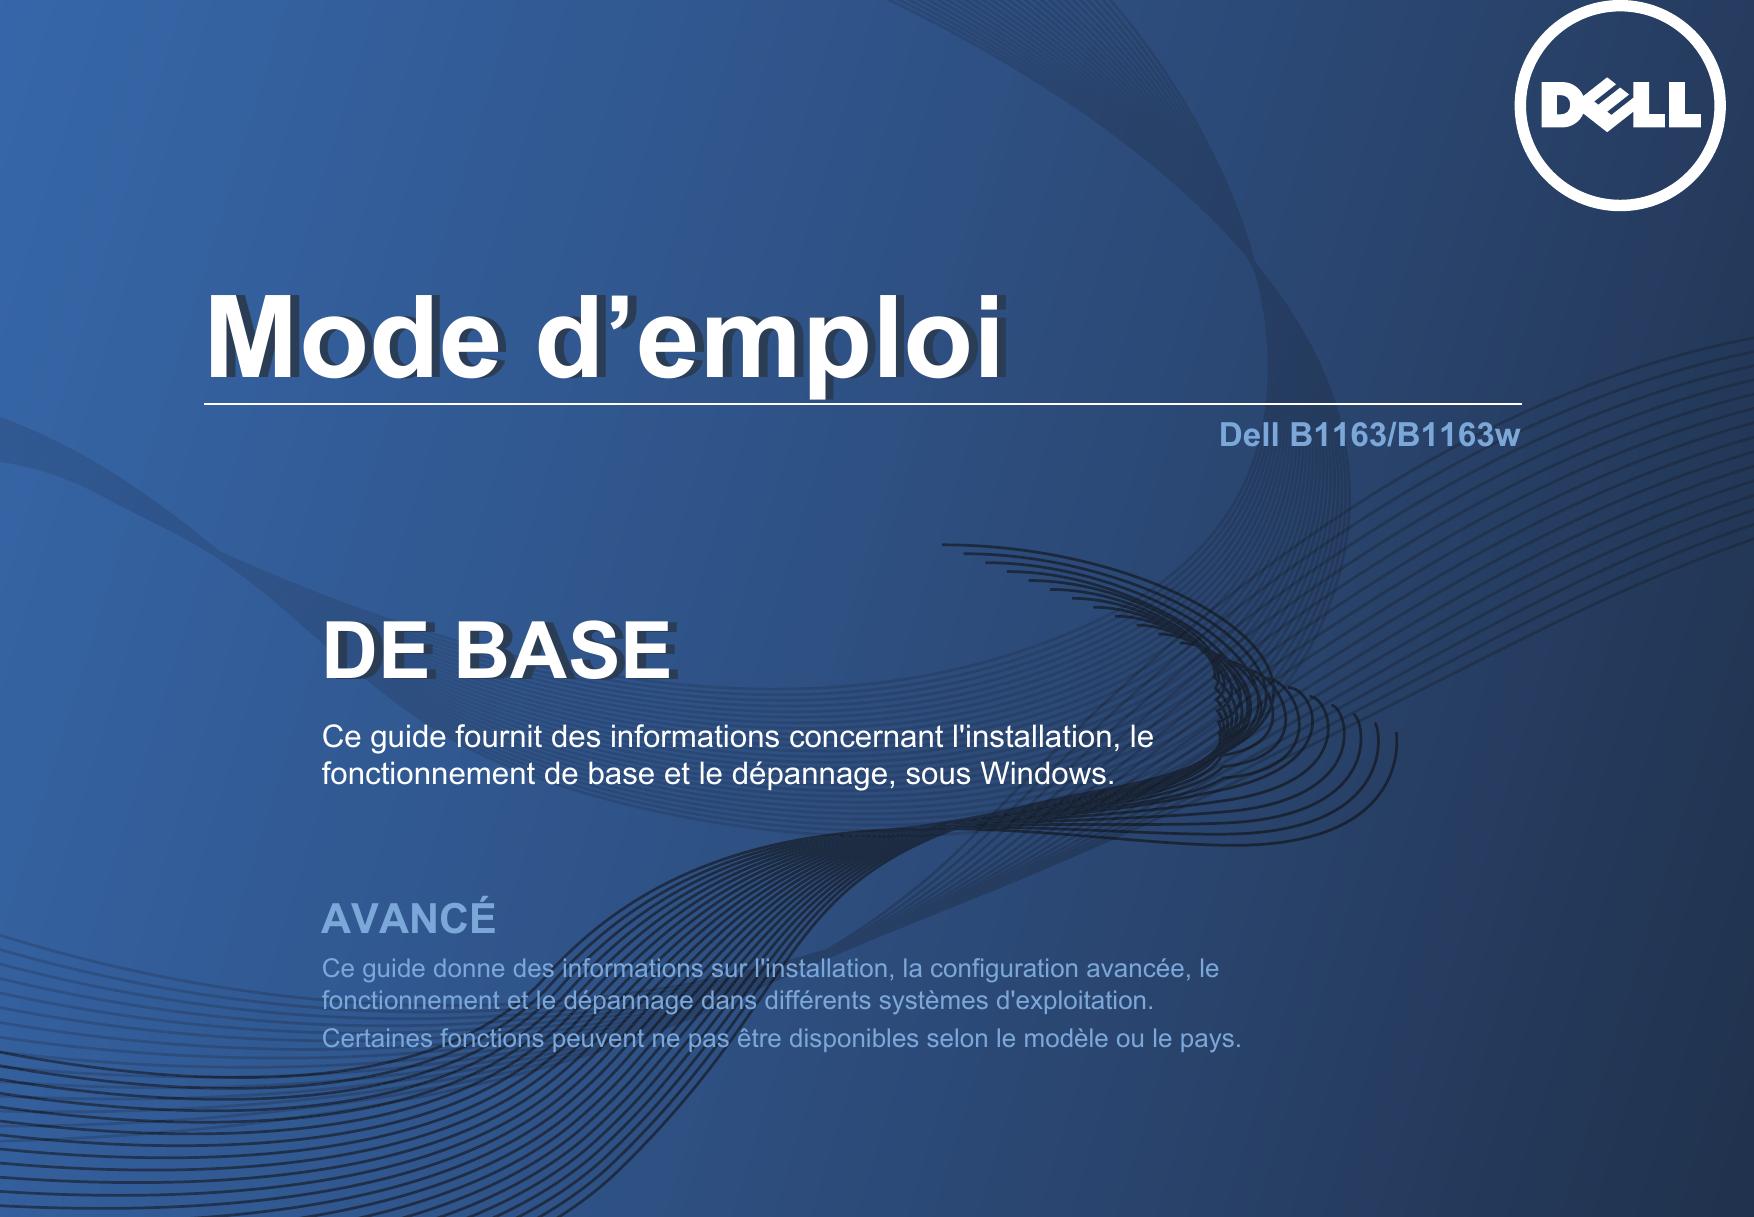 Dell b1163w Mode D'emploi User Manual User's Guide Fr